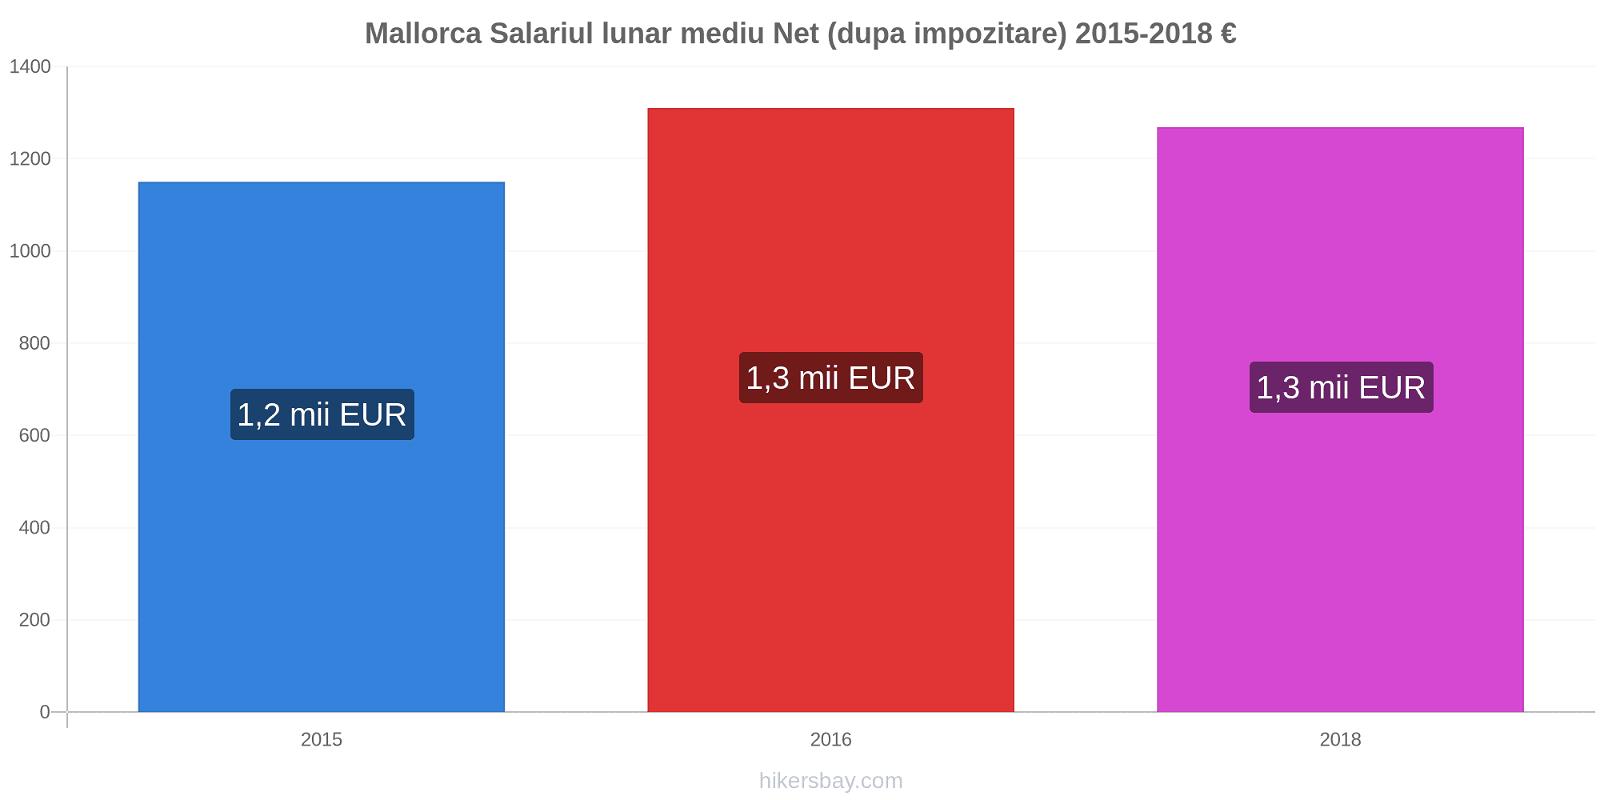 Mallorca modificări de preț Salariul lunar mediu Net (dupa impozitare) hikersbay.com